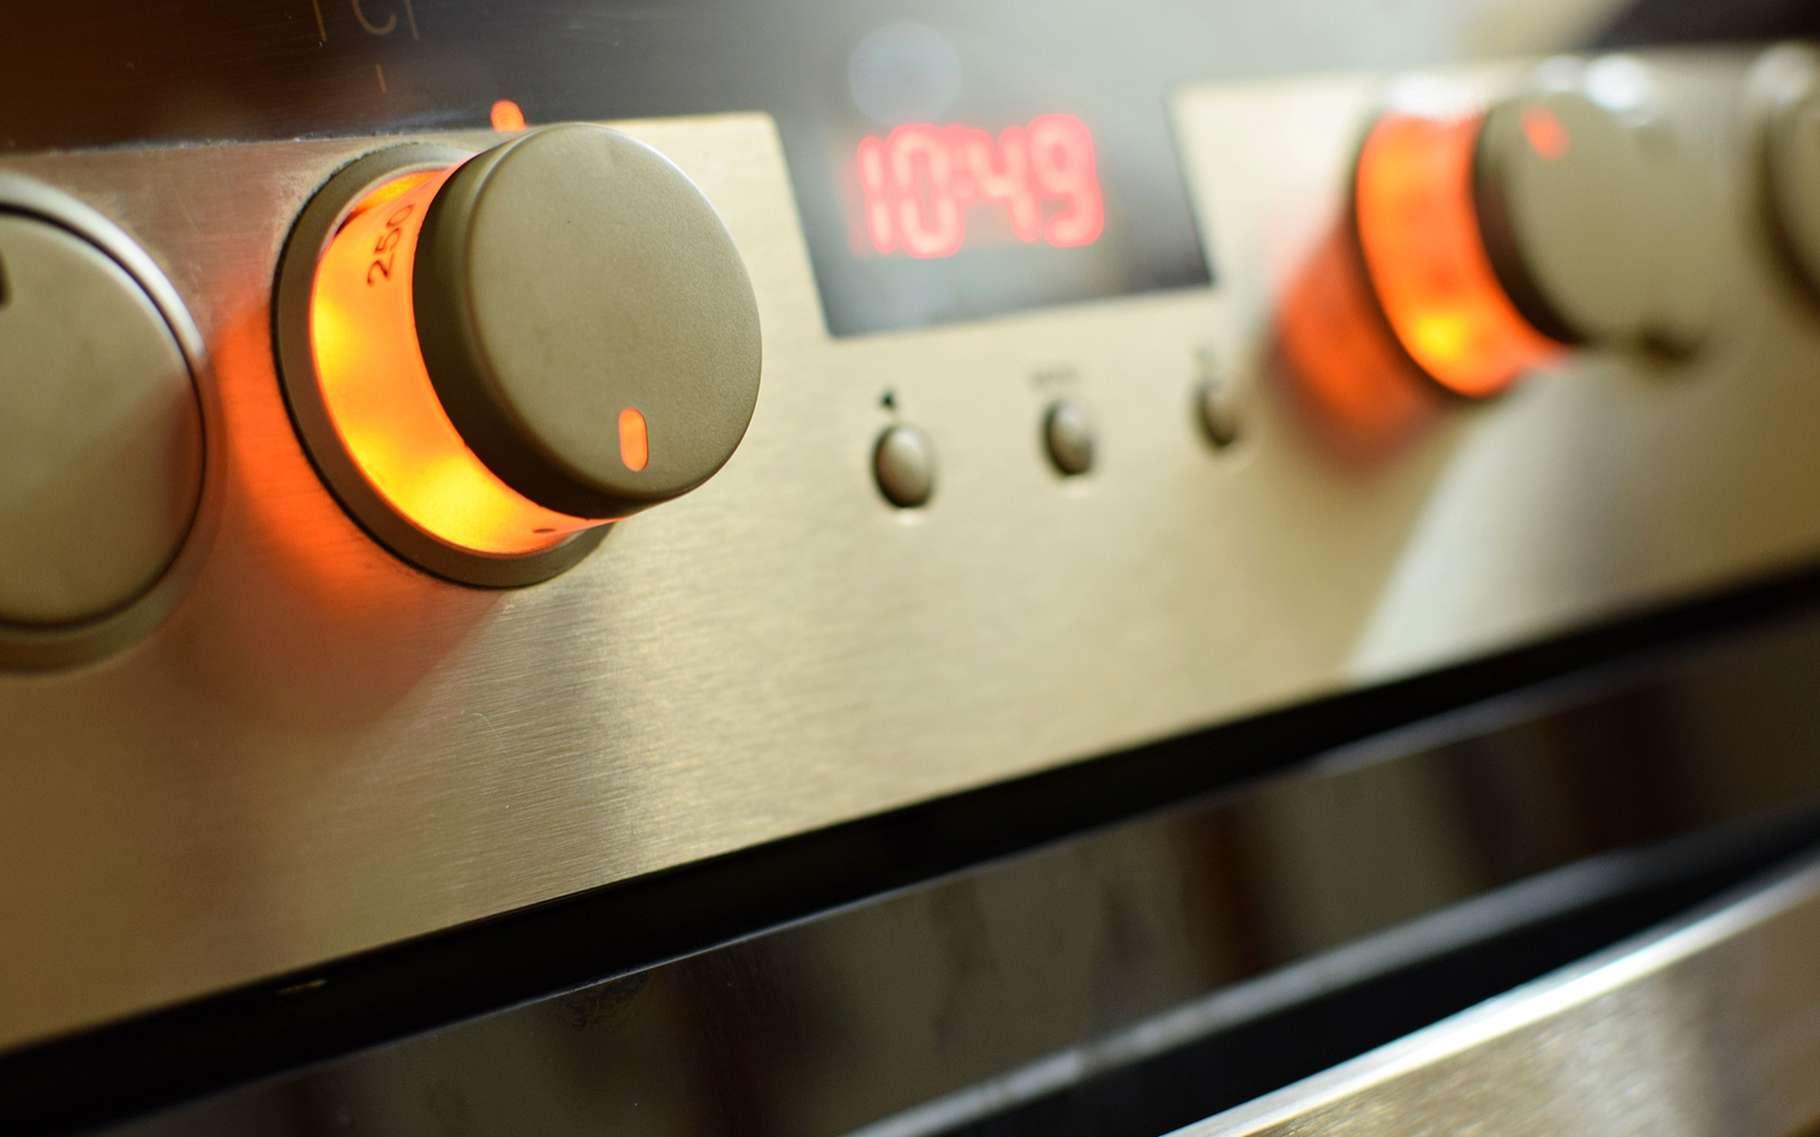 La sensation de chaleur que nous percevons en ouvrant la porte d'un four est due au rayonnement thermique. © Montypeter, Shutterstock